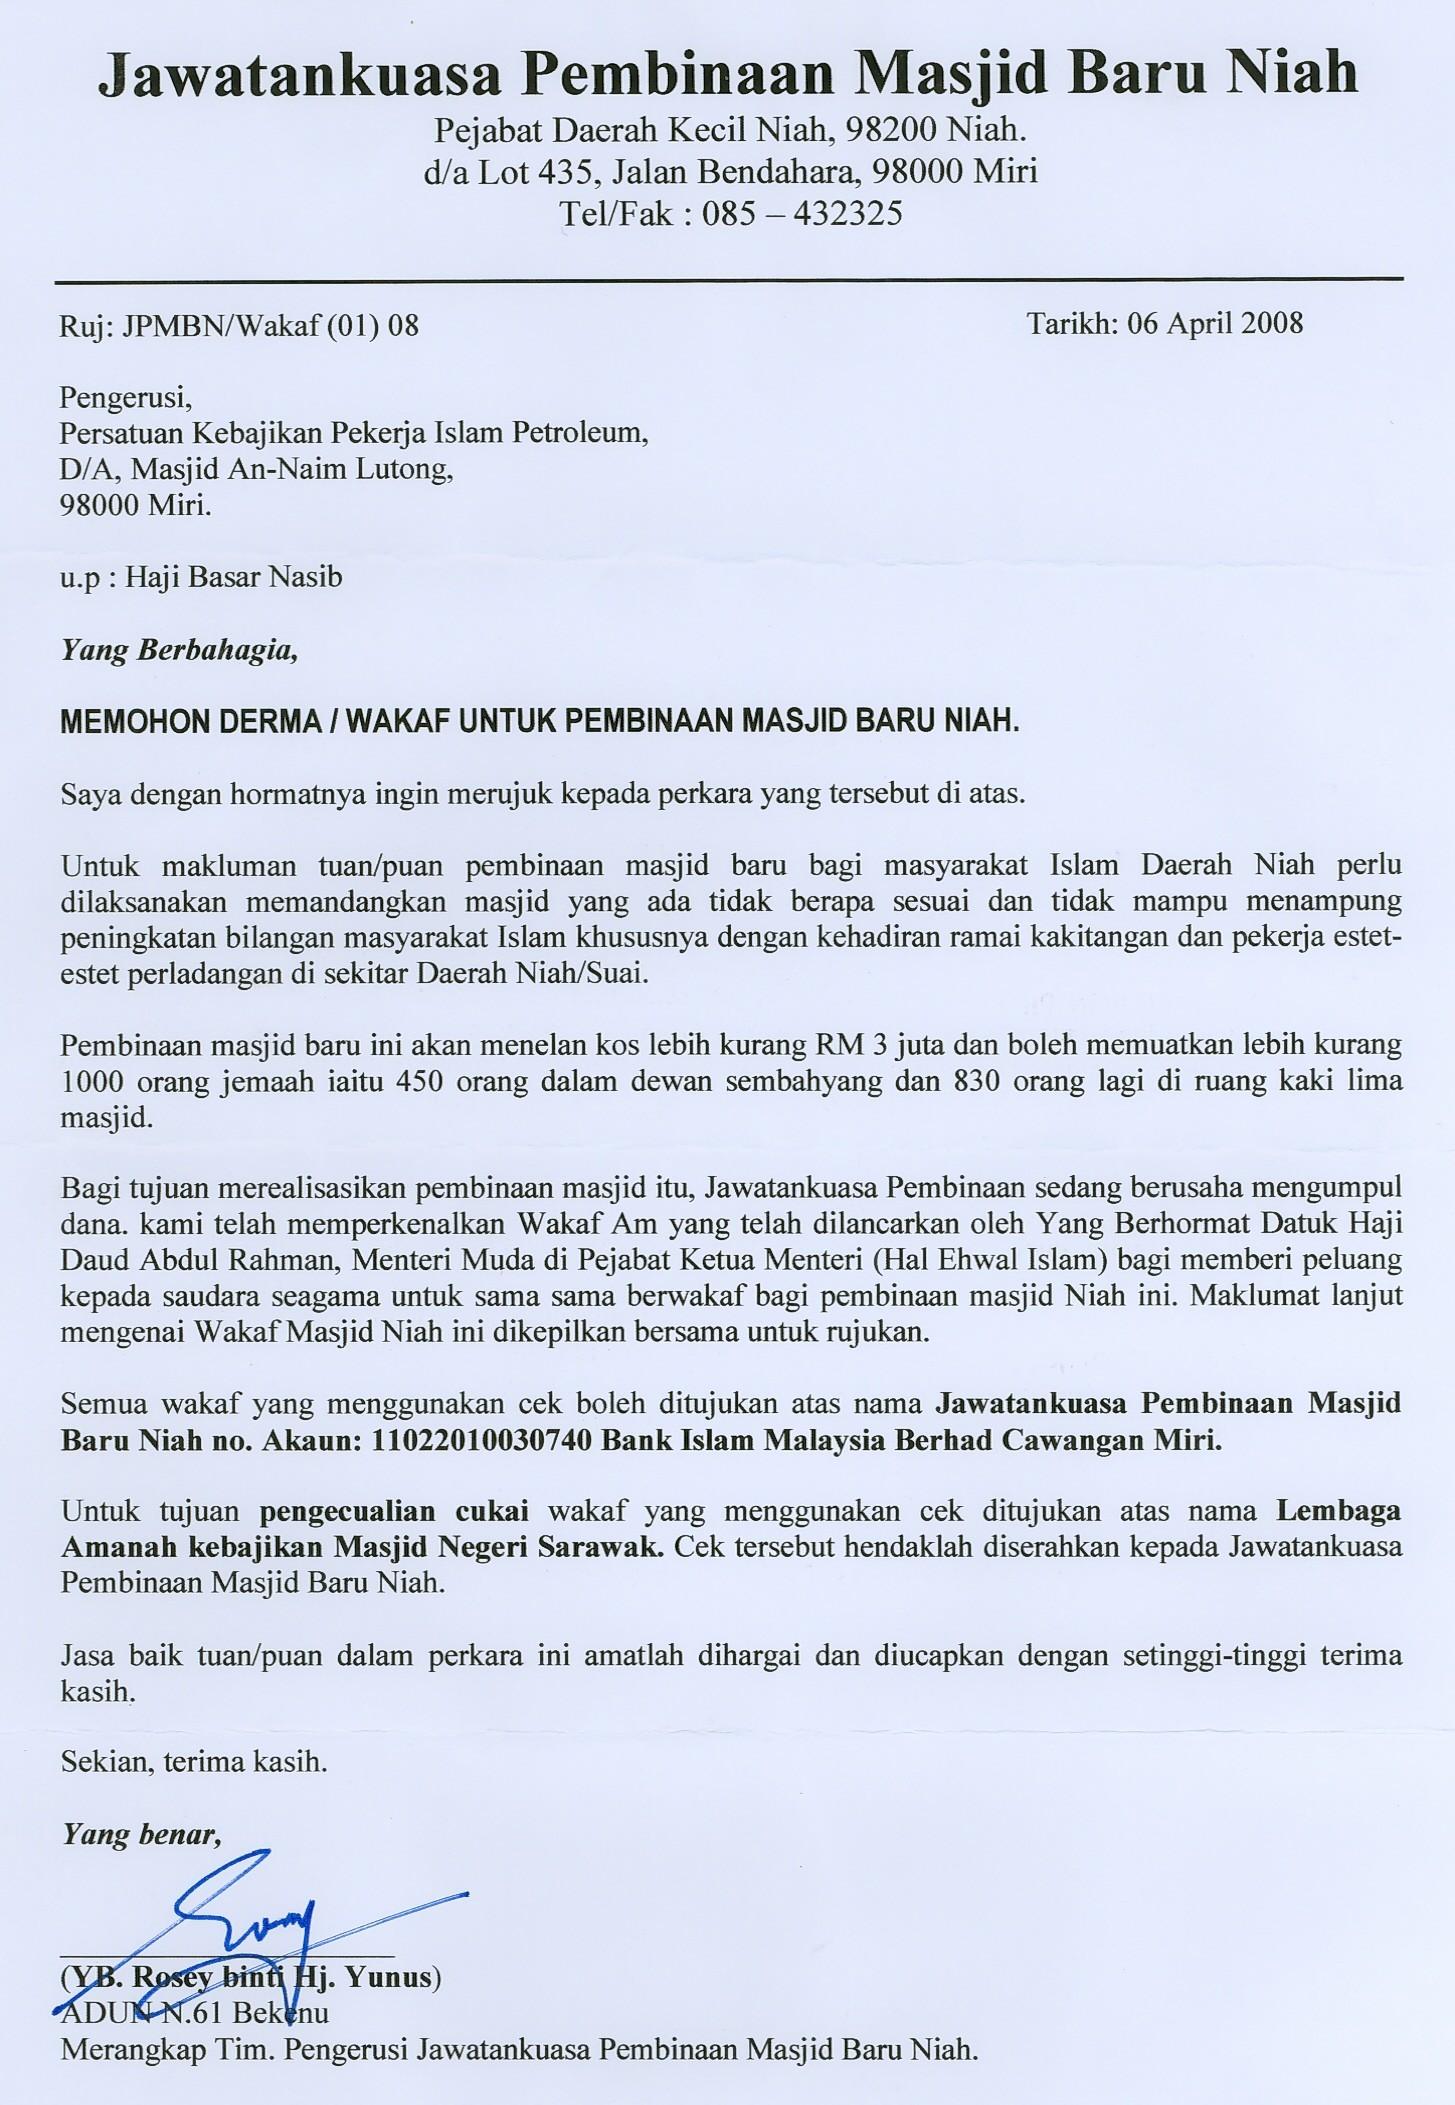 Contoh Surat Pernyataan Wakaf Masjid Jobs Id 2017 Epicgaming